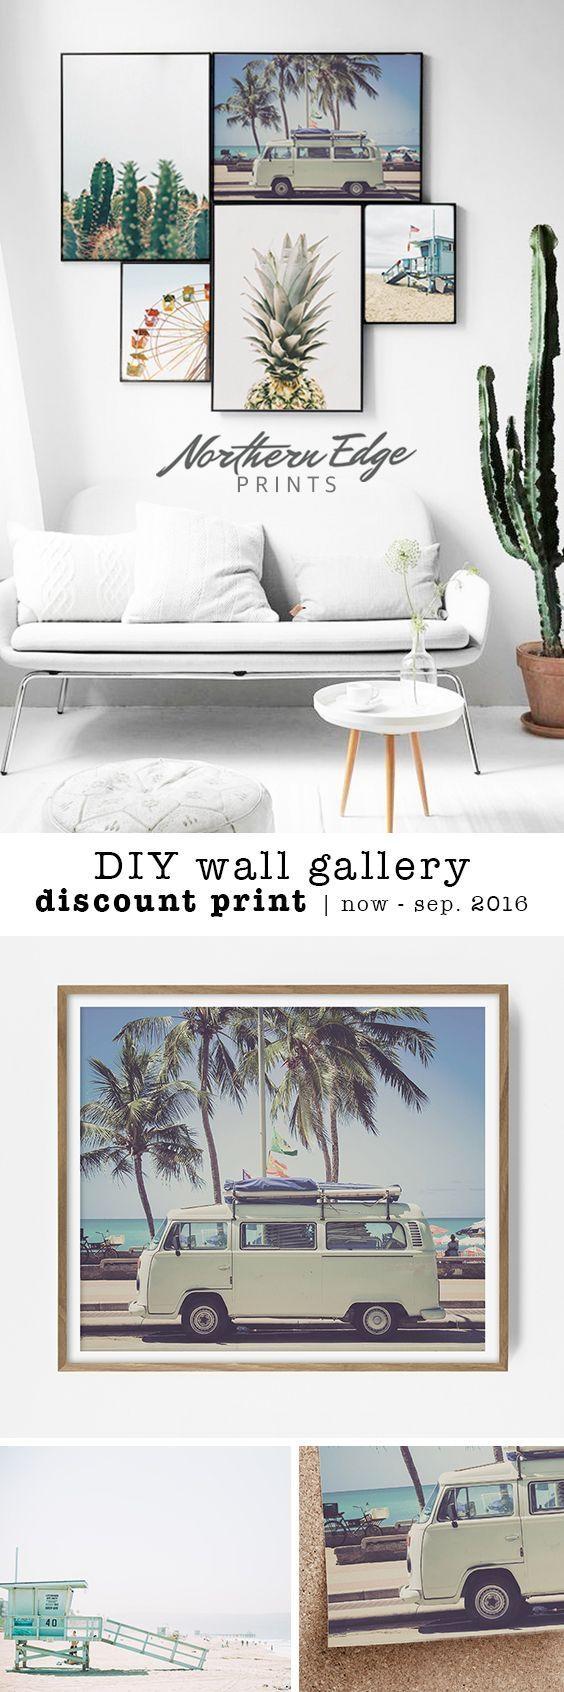 Best 25+ Beach Wall Art Ideas On Pinterest | Beach Decorations Pertaining To Beach Themed Wall Art (View 9 of 20)